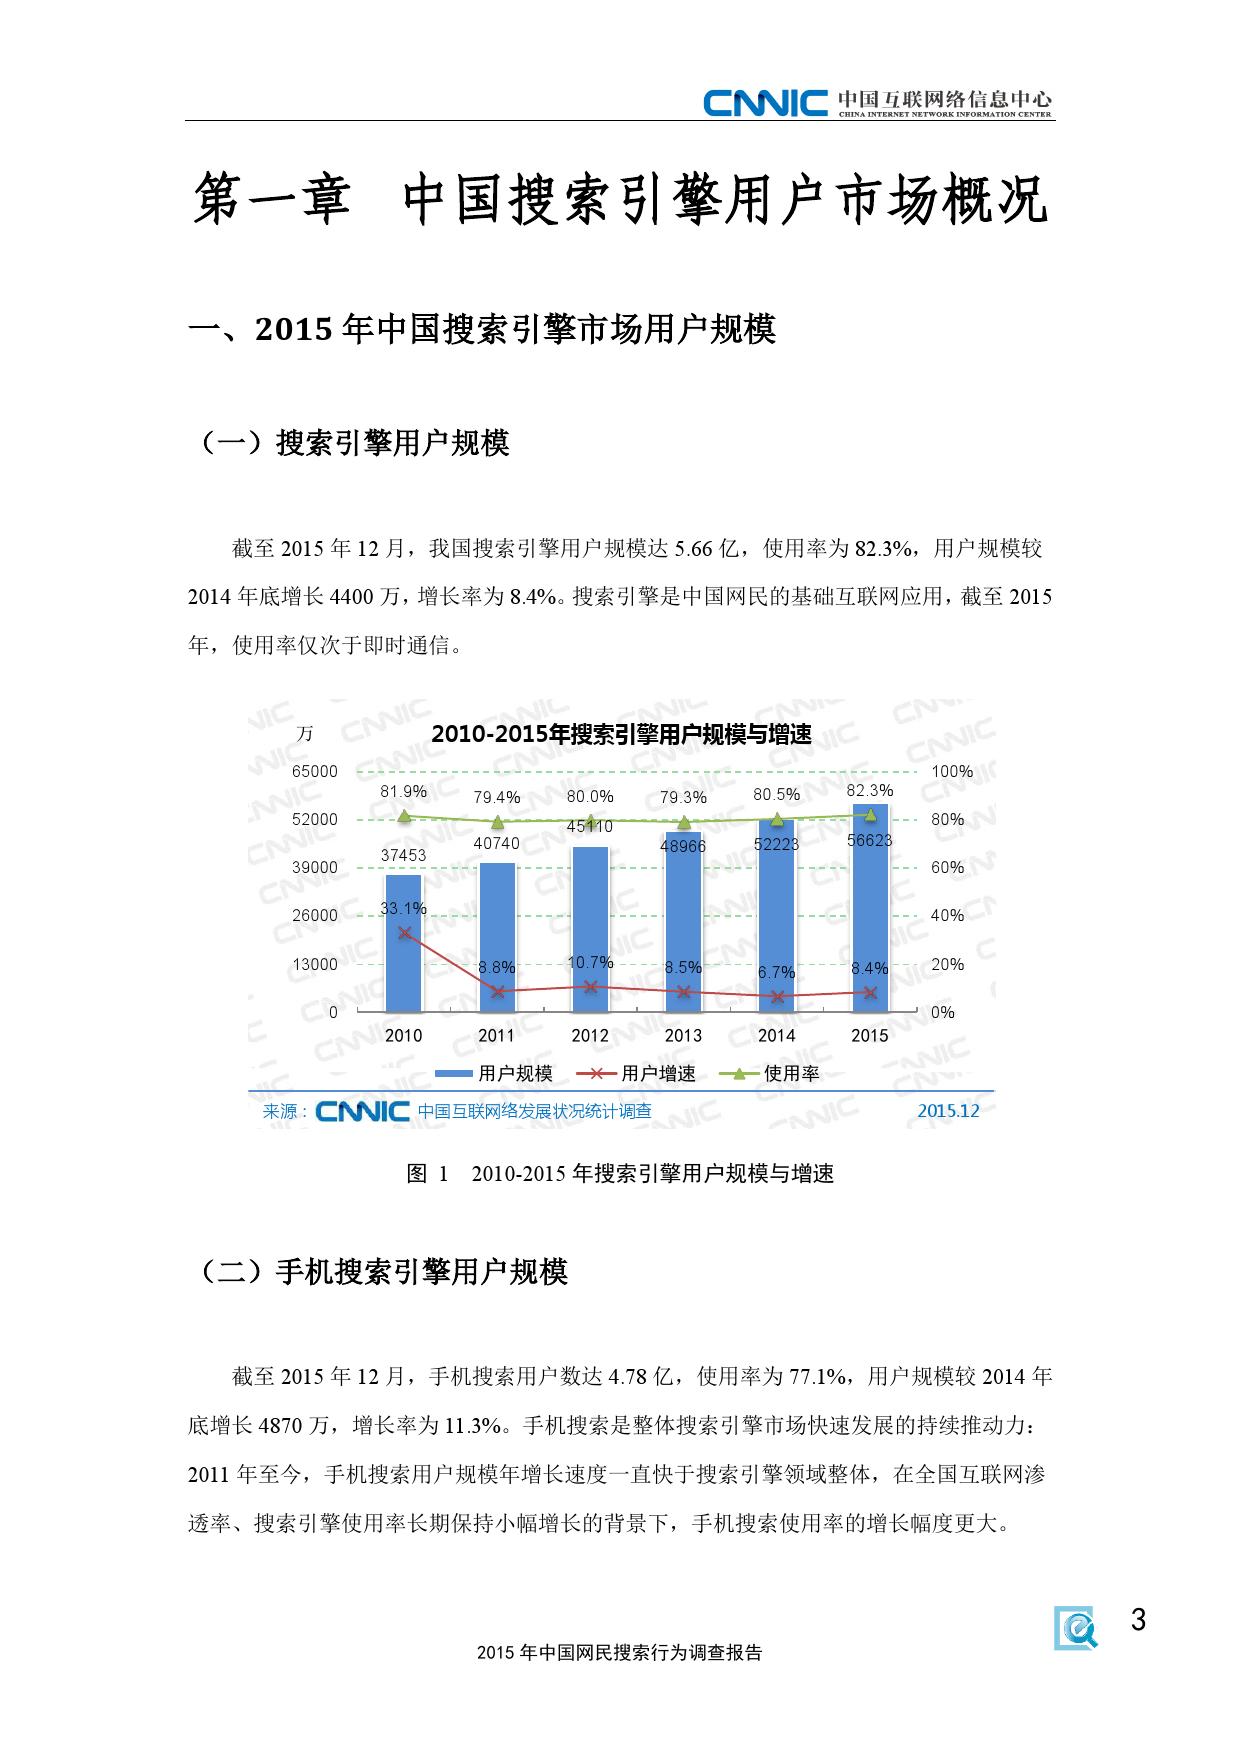 CNNIC:2015年中国网民搜索行为调查_000011